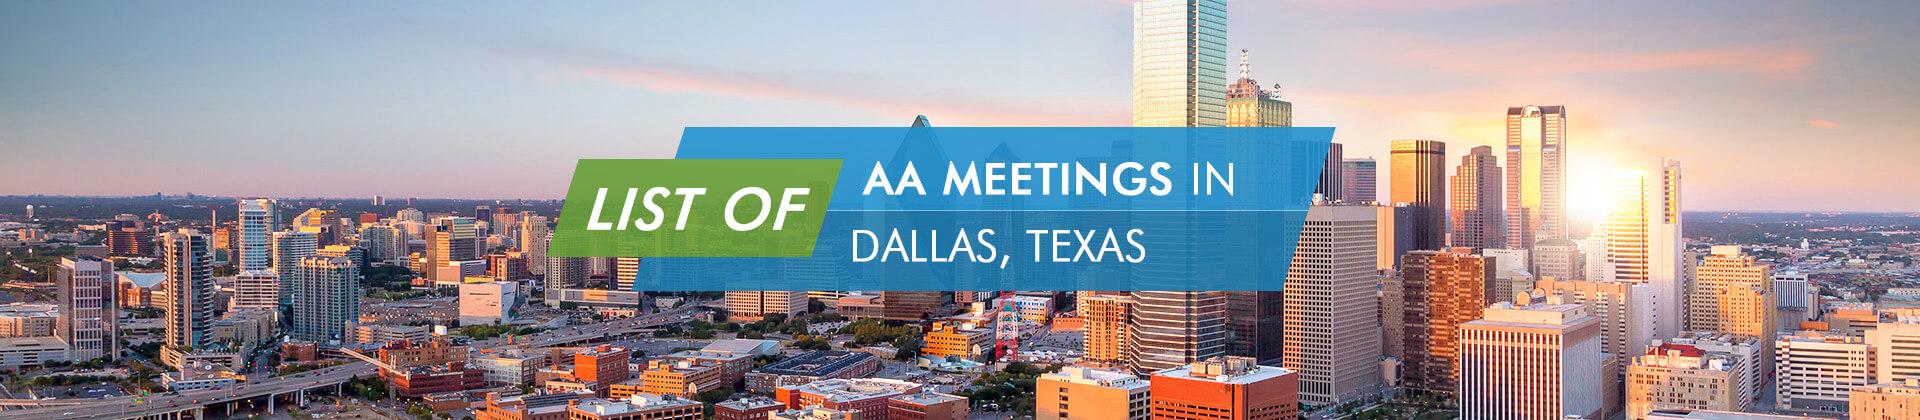 AA Meetings Dallas, Texas